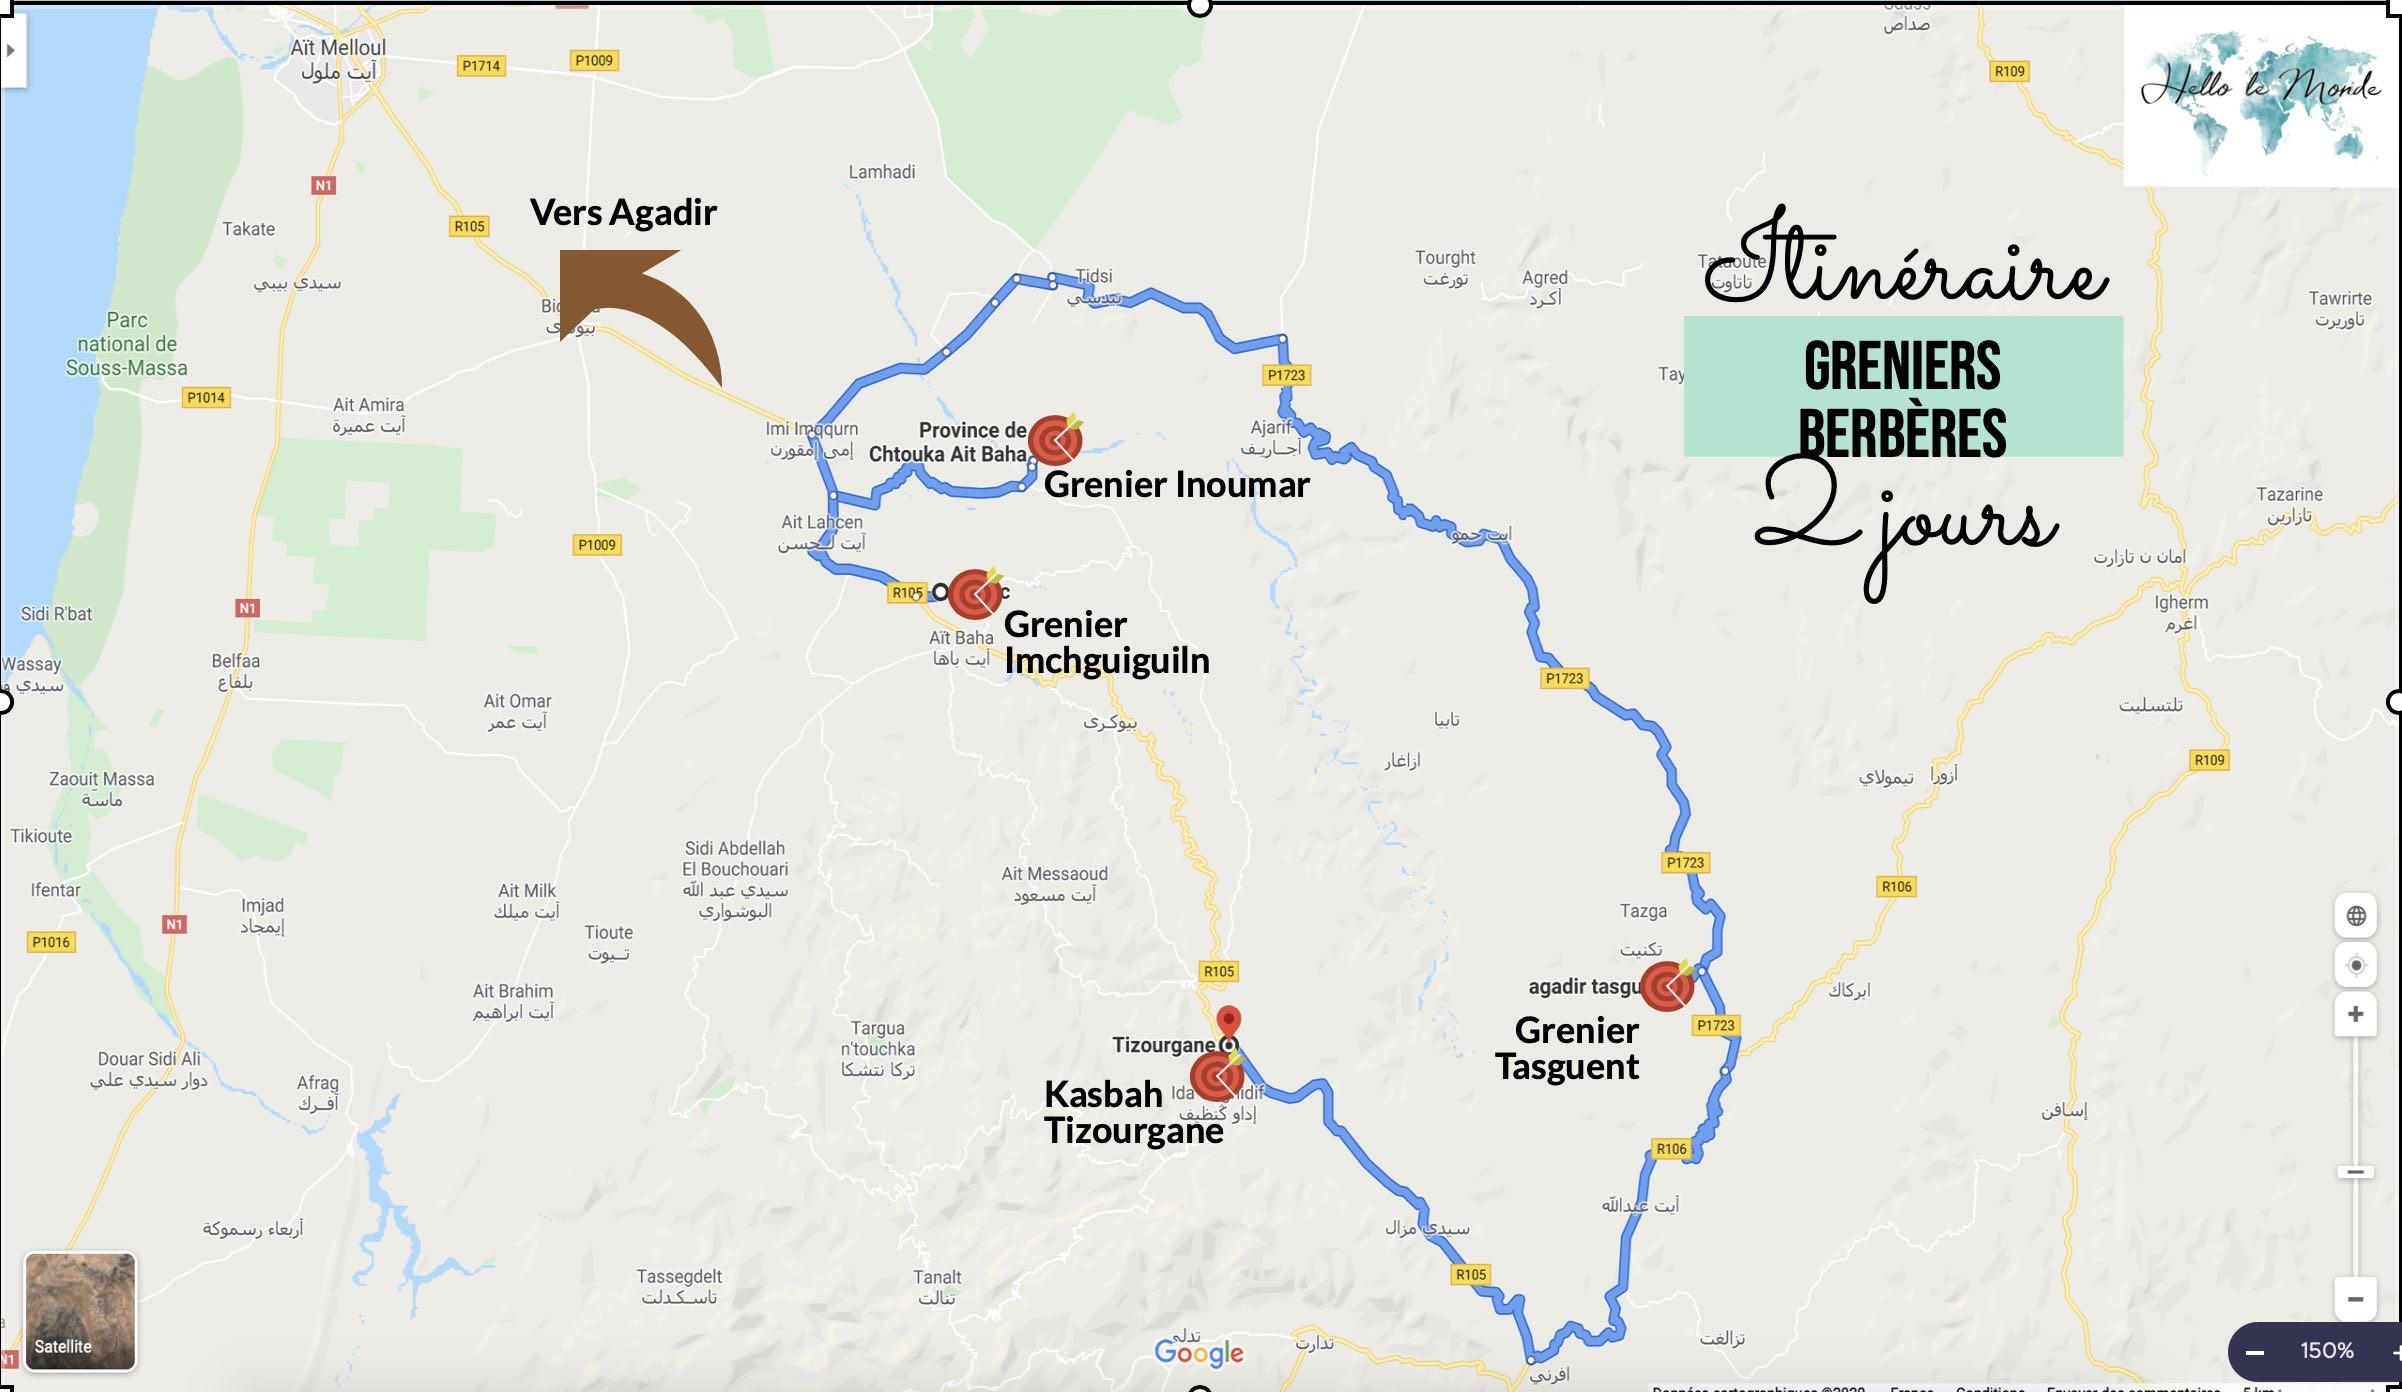 carte des greniers berbères dans la région d'Agadir (Imchguiguiln, inoumar et Tasguent)